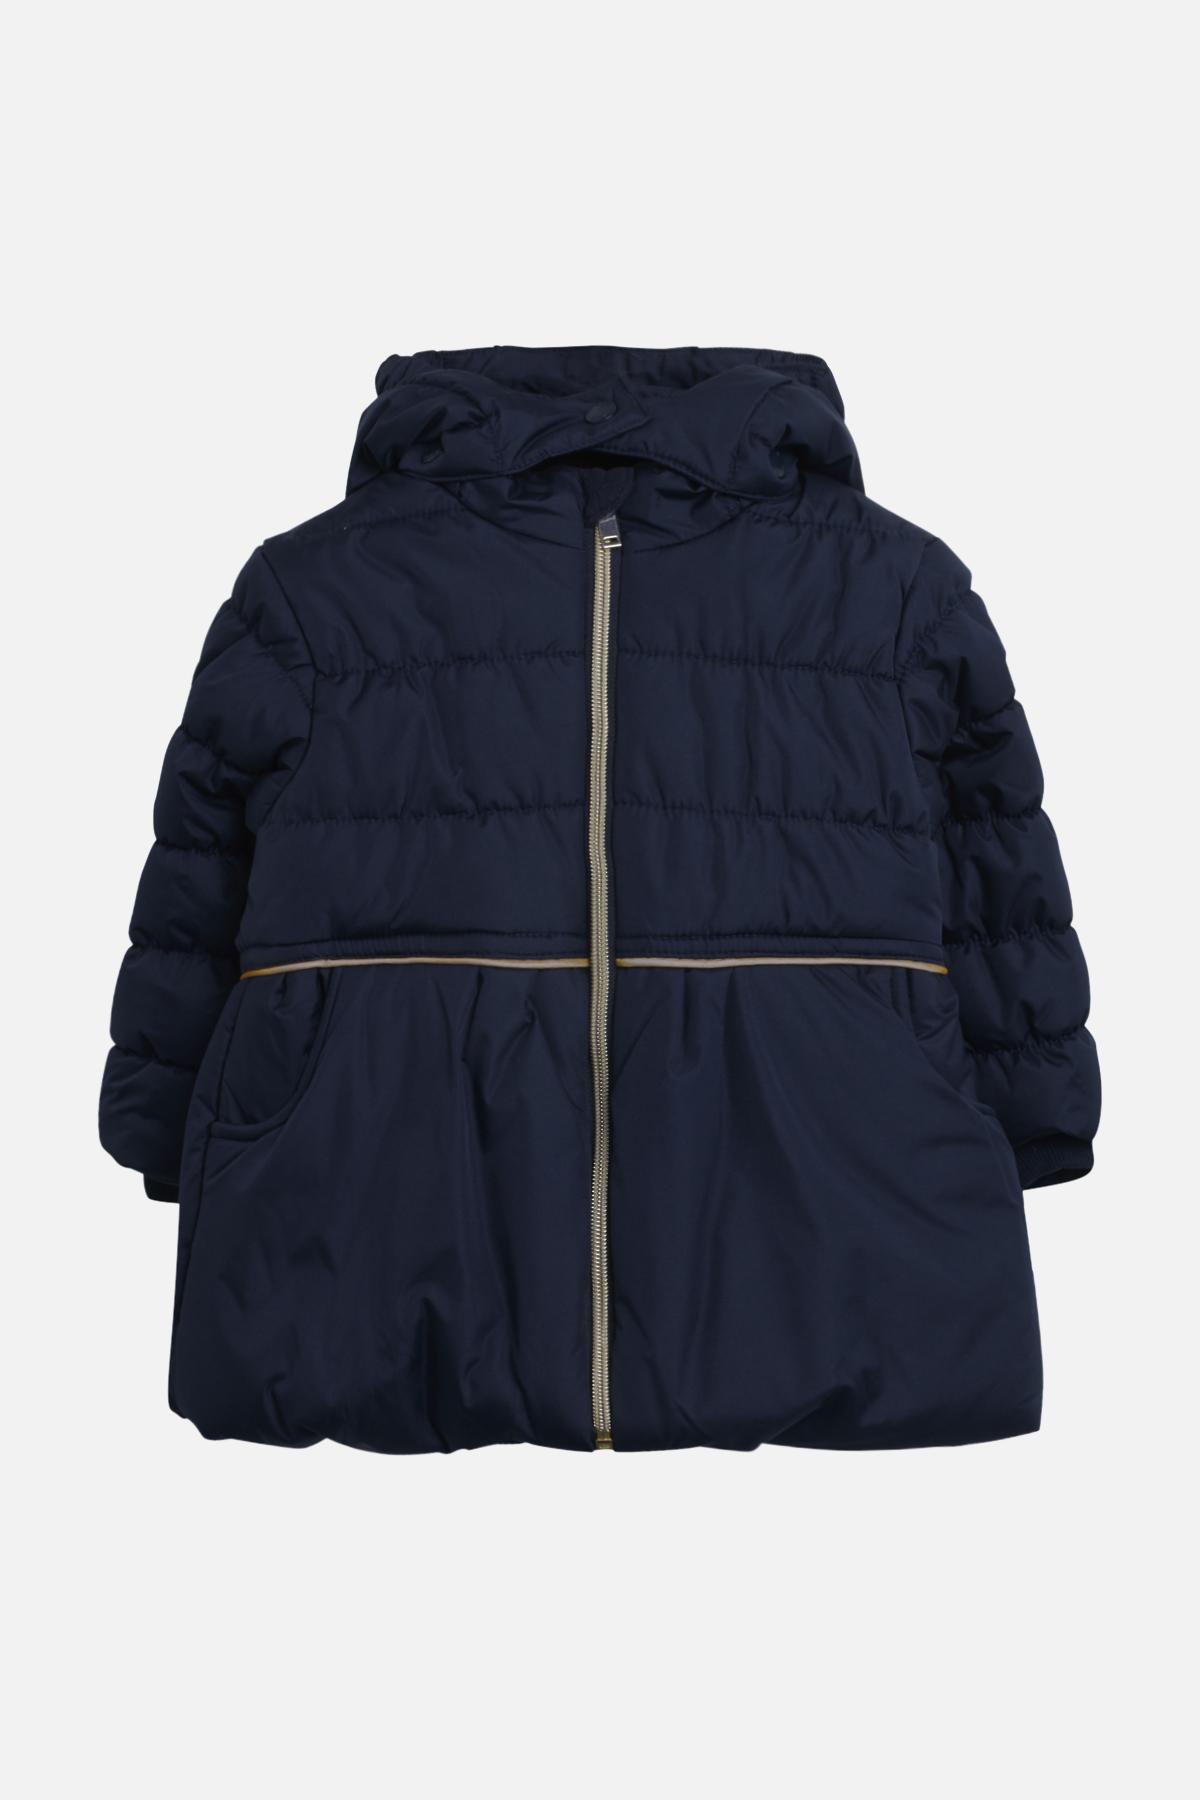 Uni - Odine - Jacket